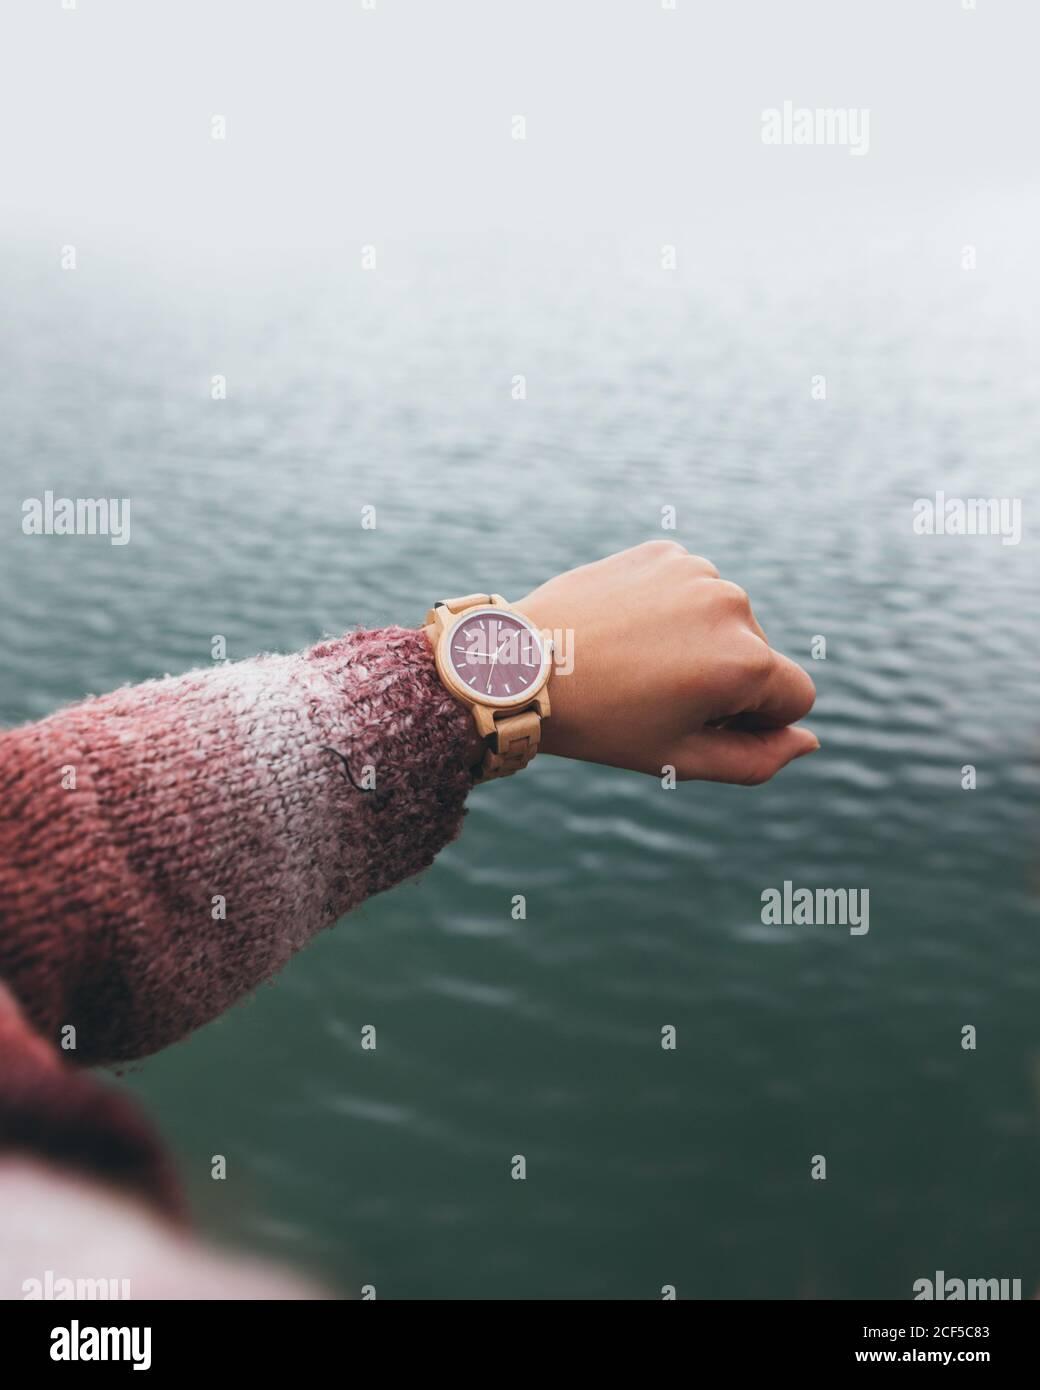 Von oben Ernte anonyme Frau in warmen Pullover Kontrollzeit Auf einer stilvollen Armbanduhr, während Sie die Hand über dem Fluss halten Tag Stockfoto